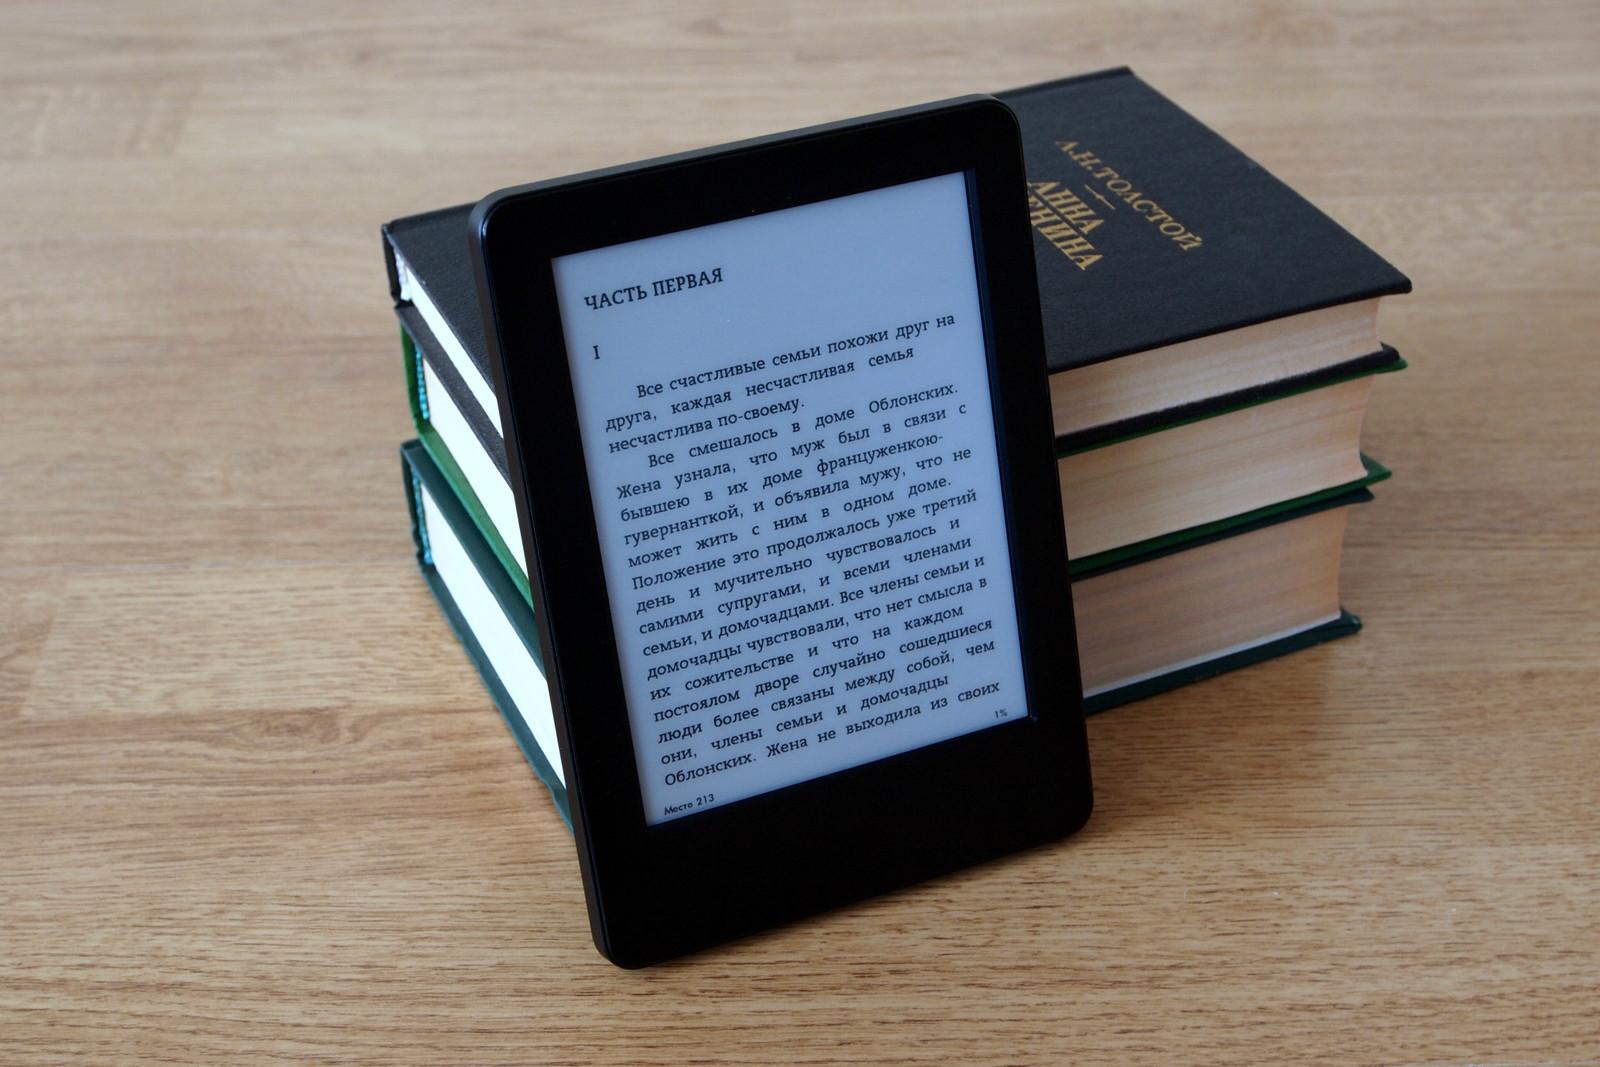 Картинка для электронной книги, надписью